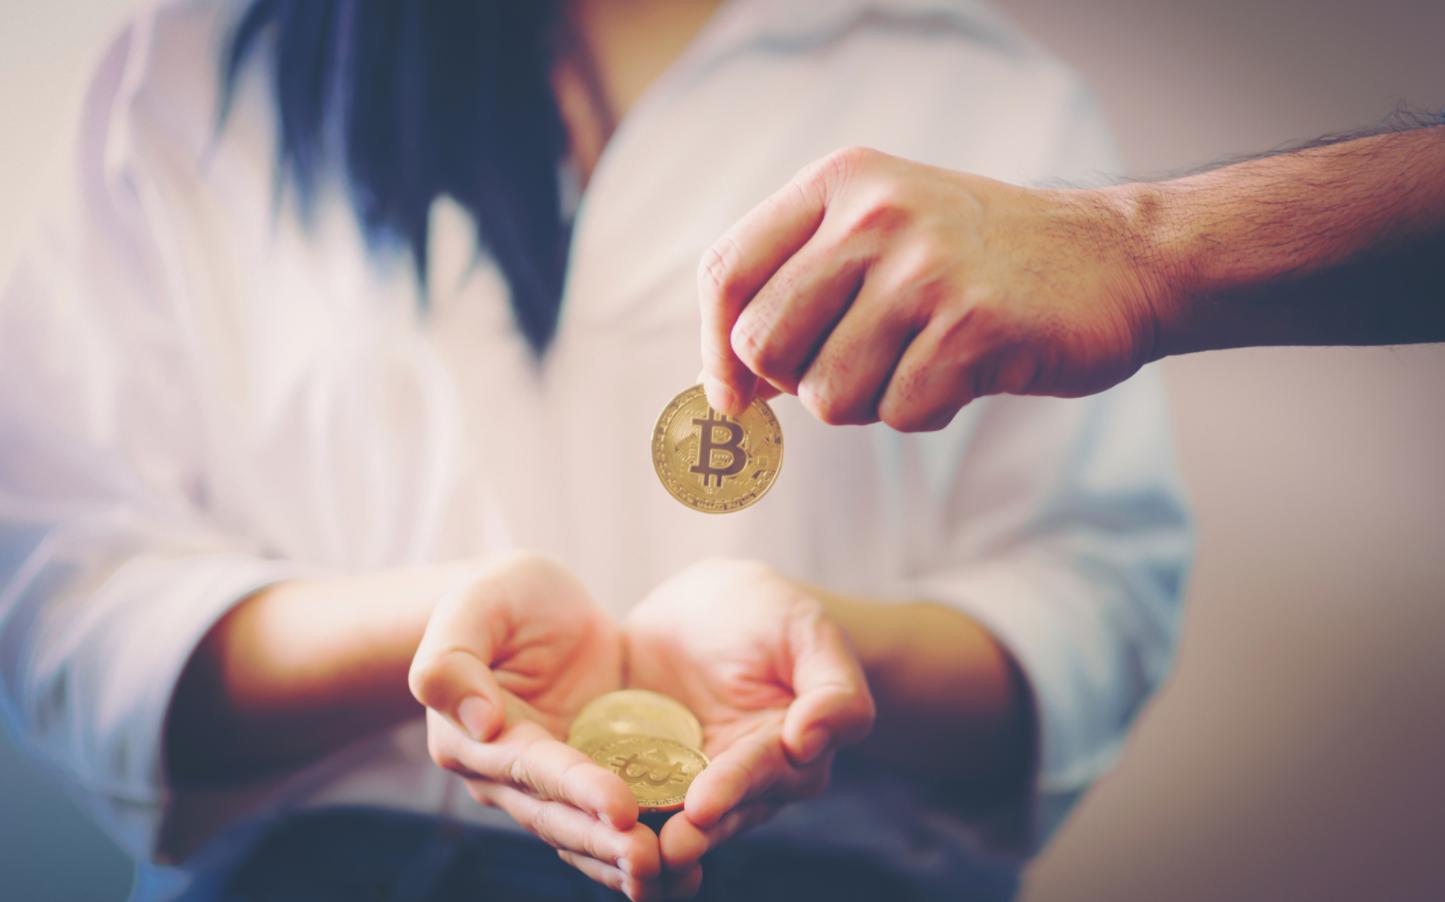 Kurumsalların Bitcoin Talebinde Azalma!